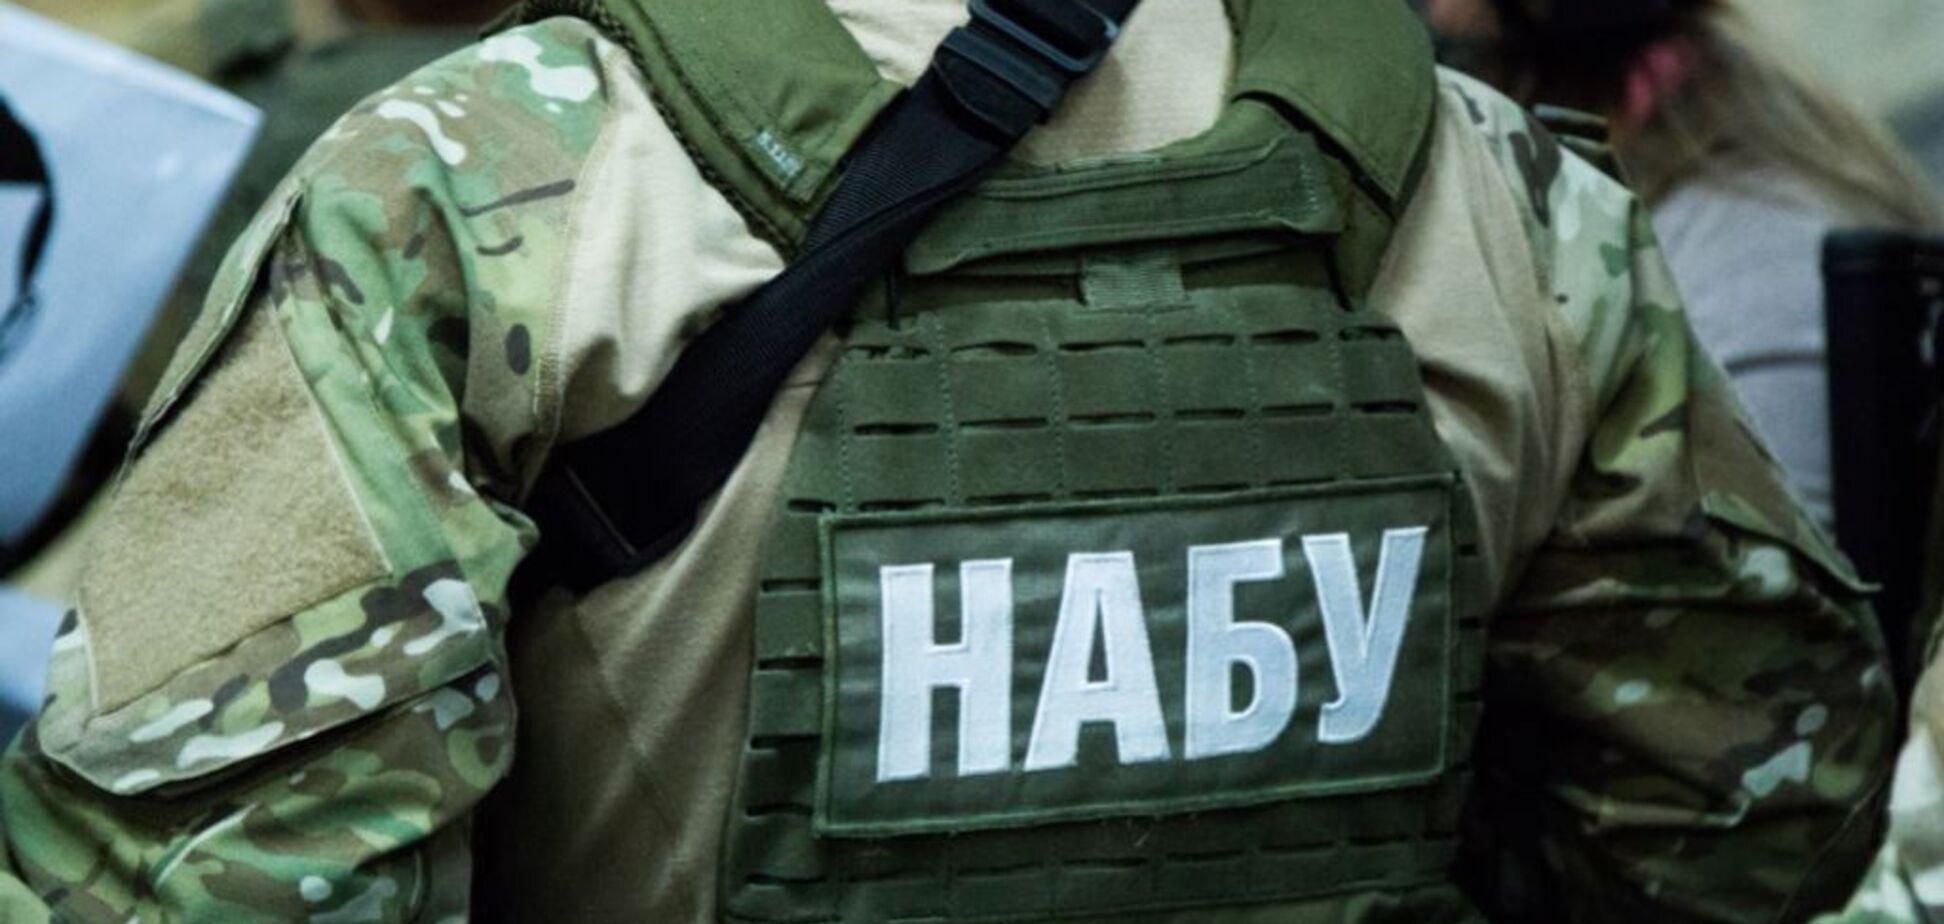 'Якась ганьба!' Журналіст вказав НАБУ на 'промахи' у скандальній справі щодо оборонки